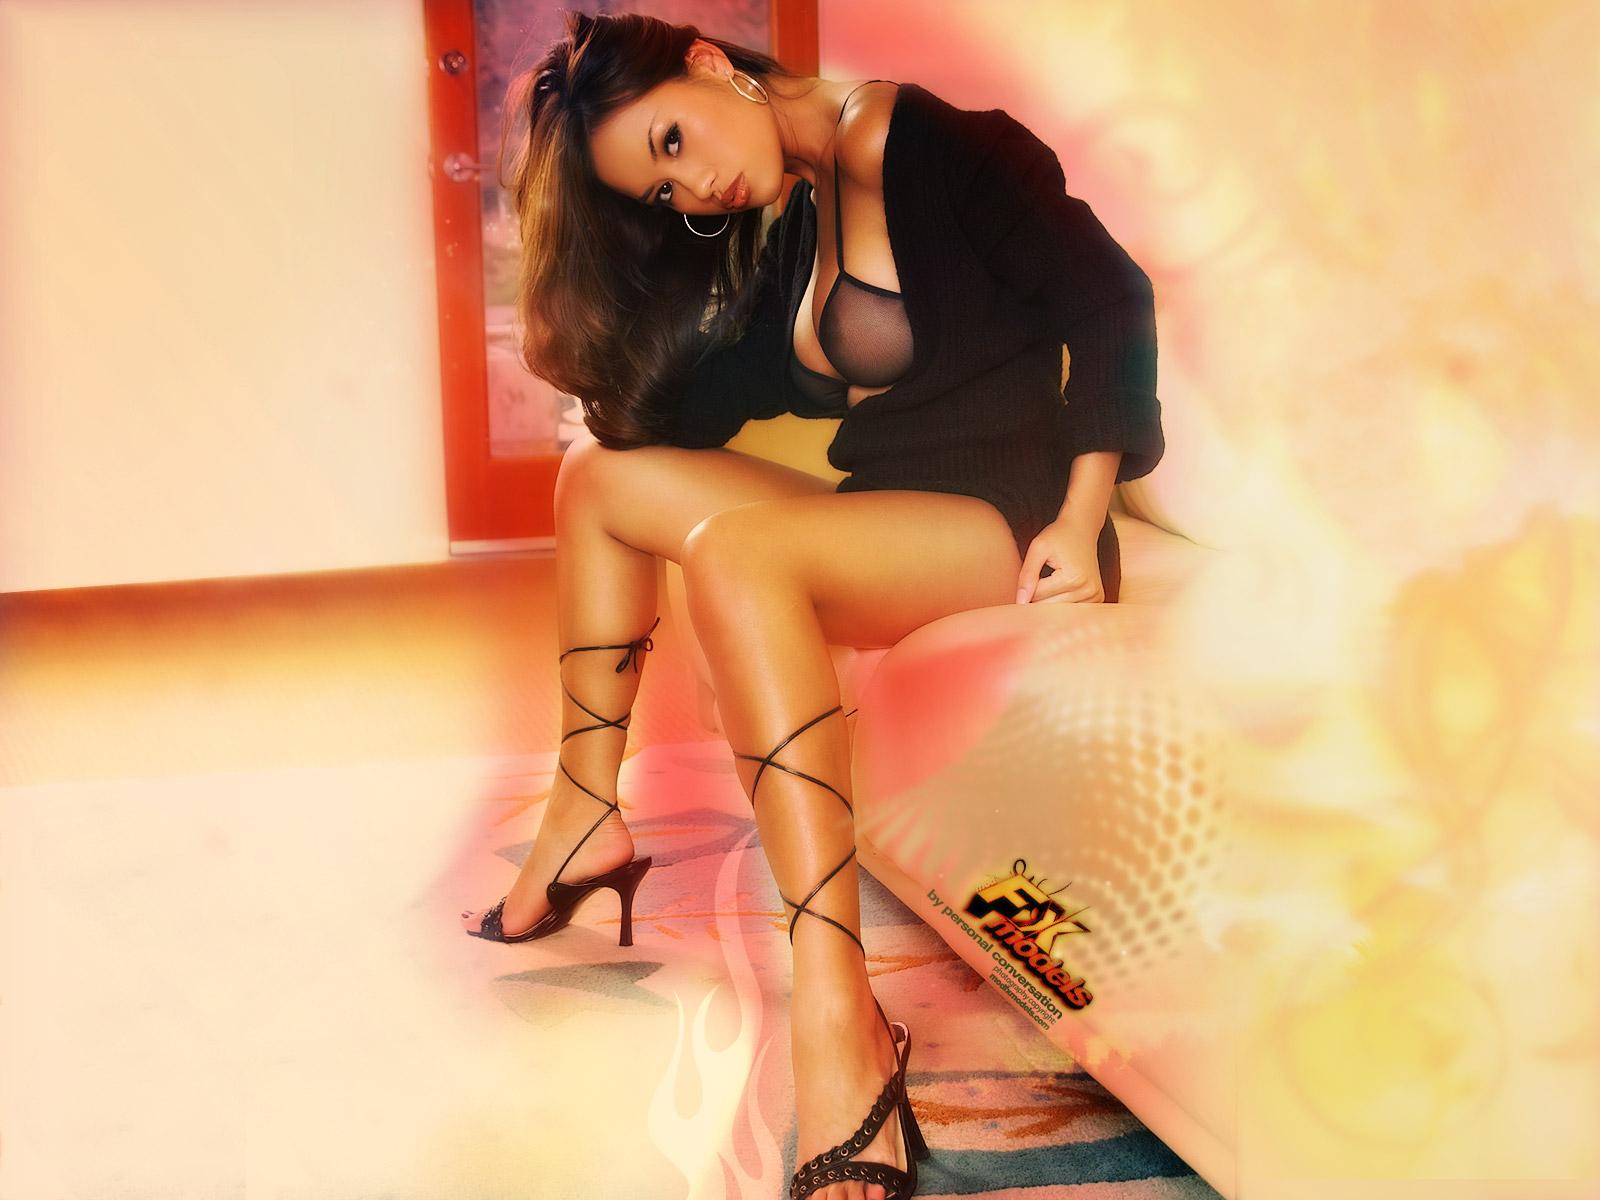 http://3.bp.blogspot.com/_UaLWp72nij4/S-m4zY_y8rI/AAAAAAAAKmY/_OU3EBEcX6k/s1600/kay-sivilay-feet.jpg